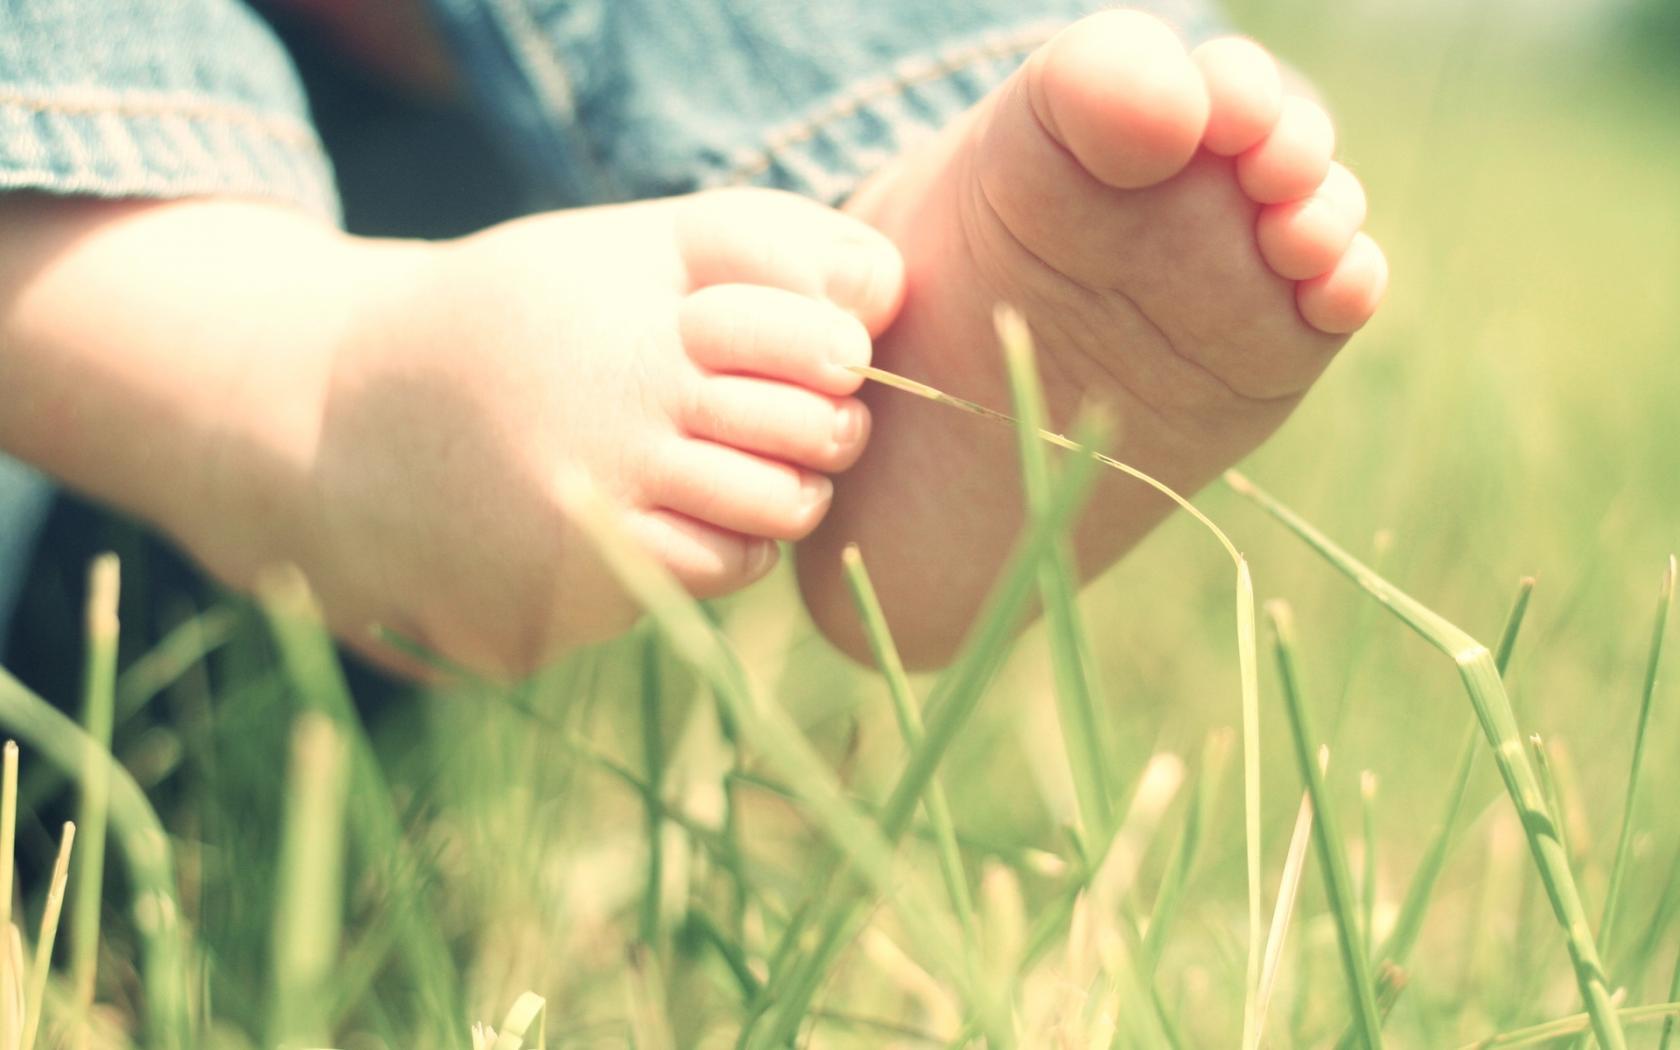 На Львівщині в наметі живцем згорів 2-річний хлопчик із Закарпаття